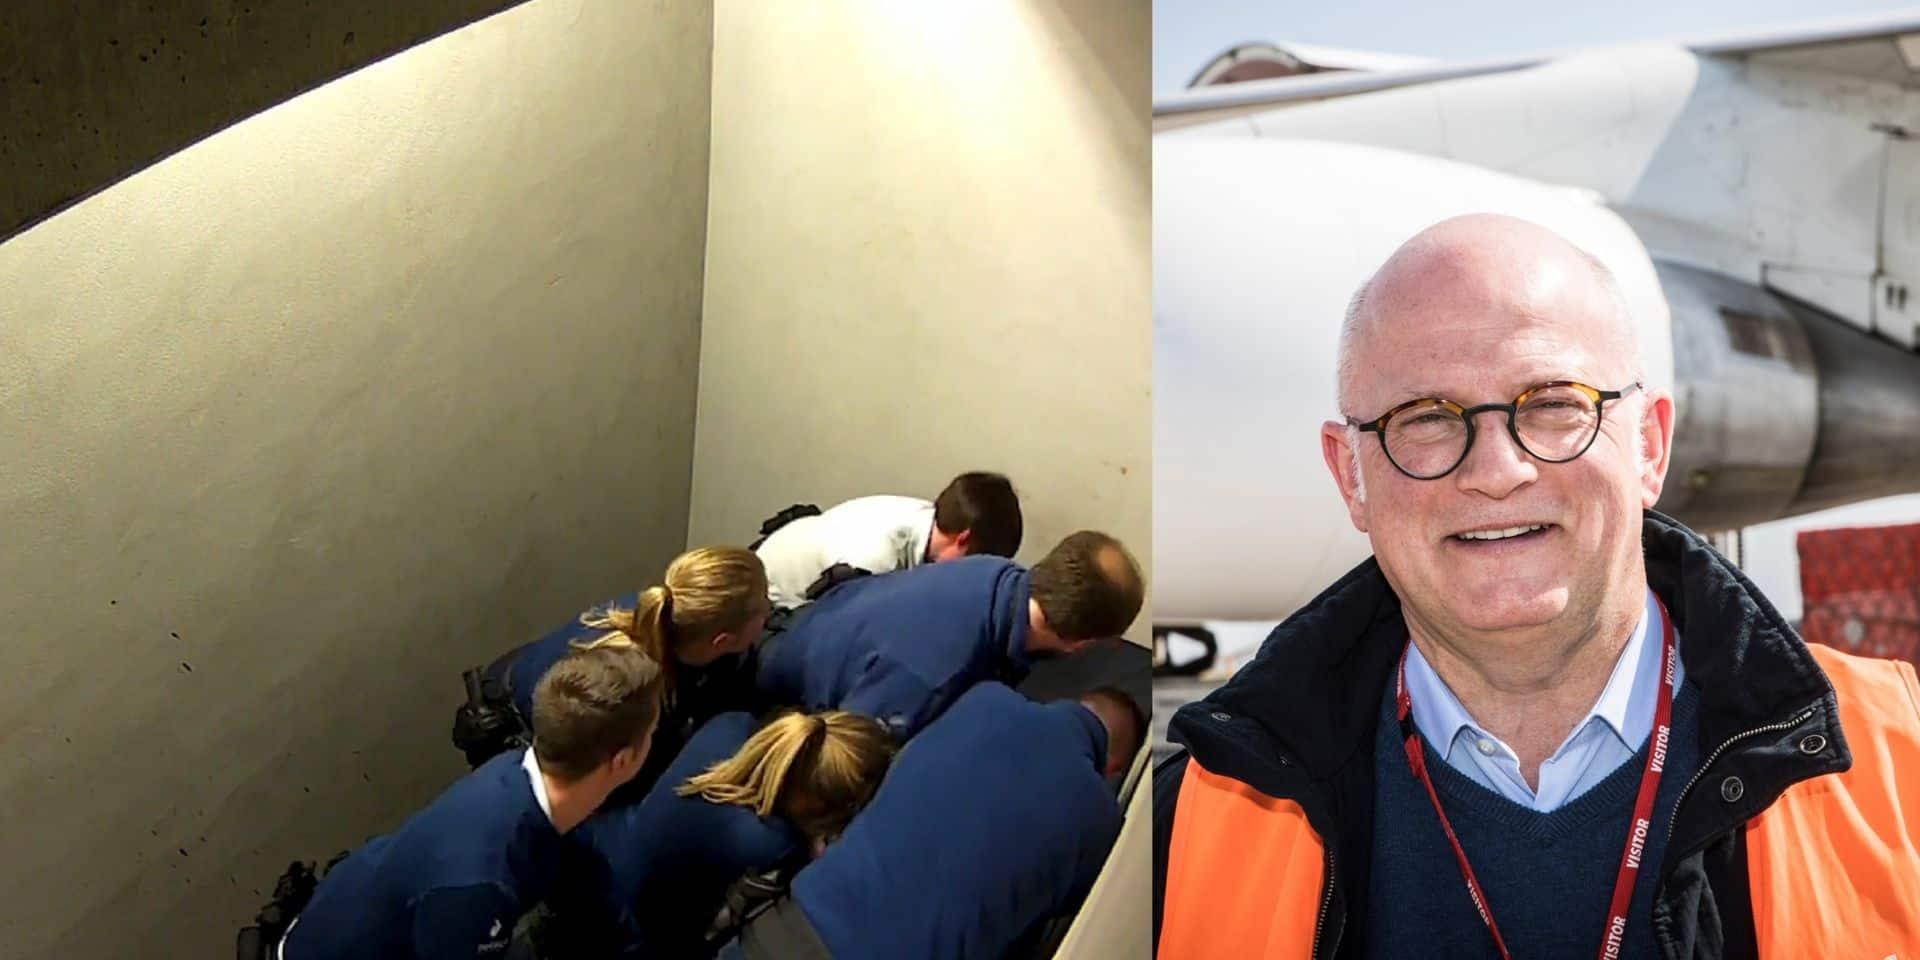 """Décès d'un passager dans une cellule de l'aéroport de Charleroi: """"Les fascistes n'ont pas leur place au sein de la police"""" pour Jean-Luc Crucke"""